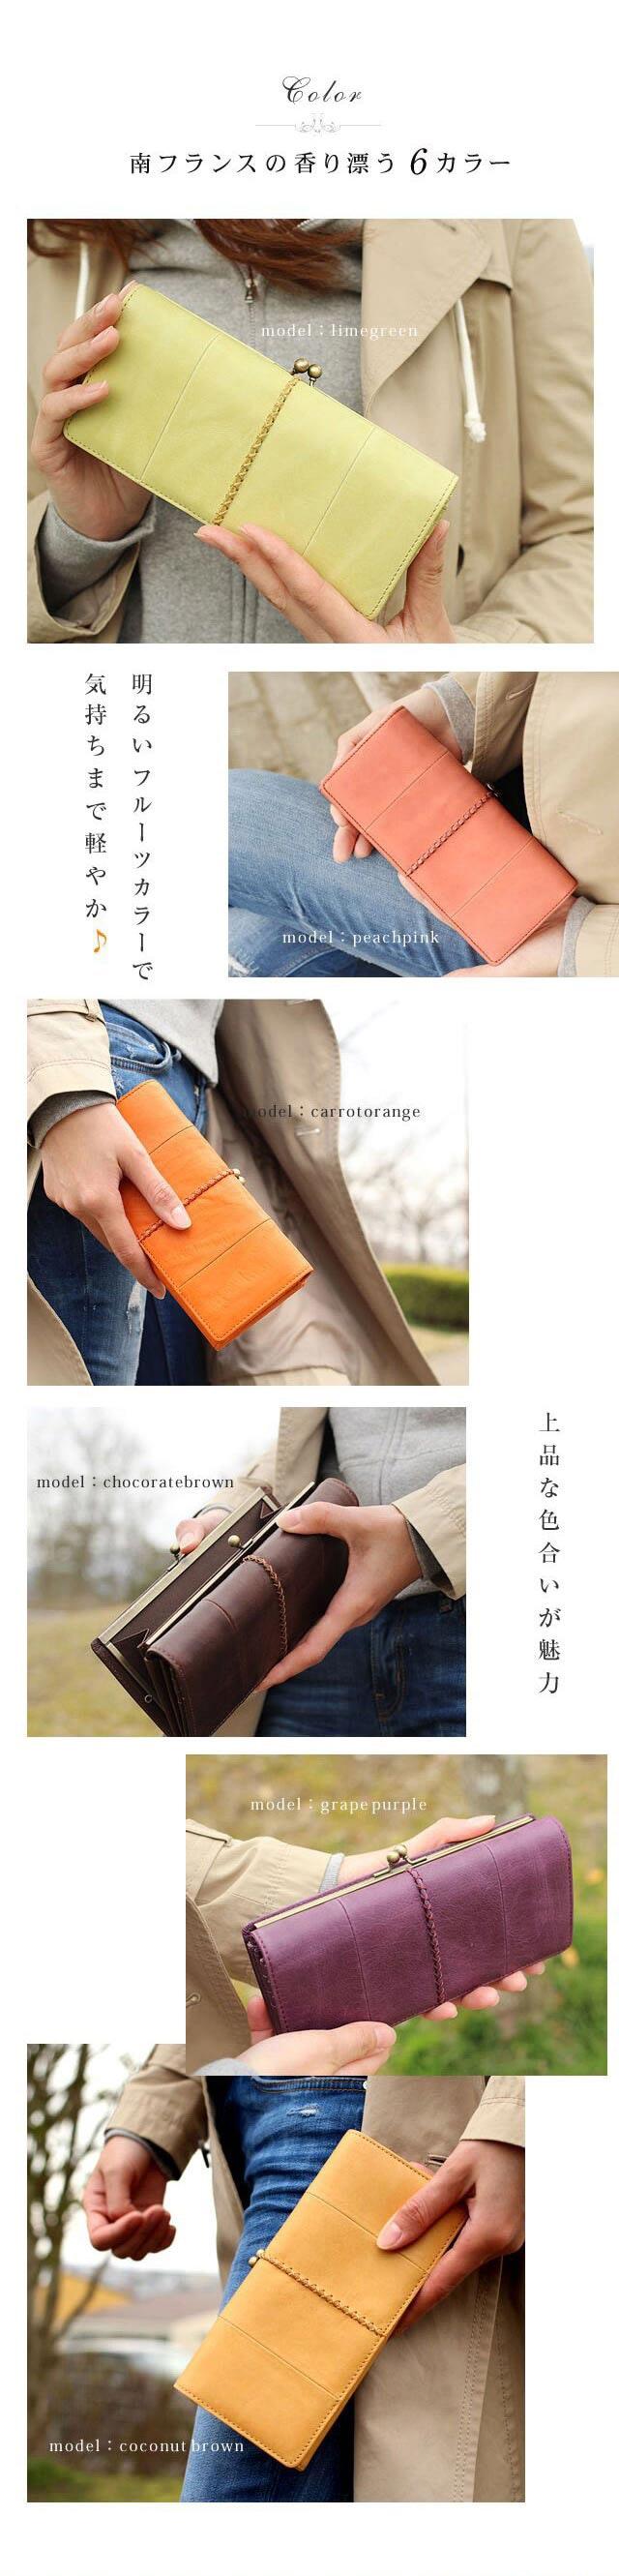 財布のカラー展開